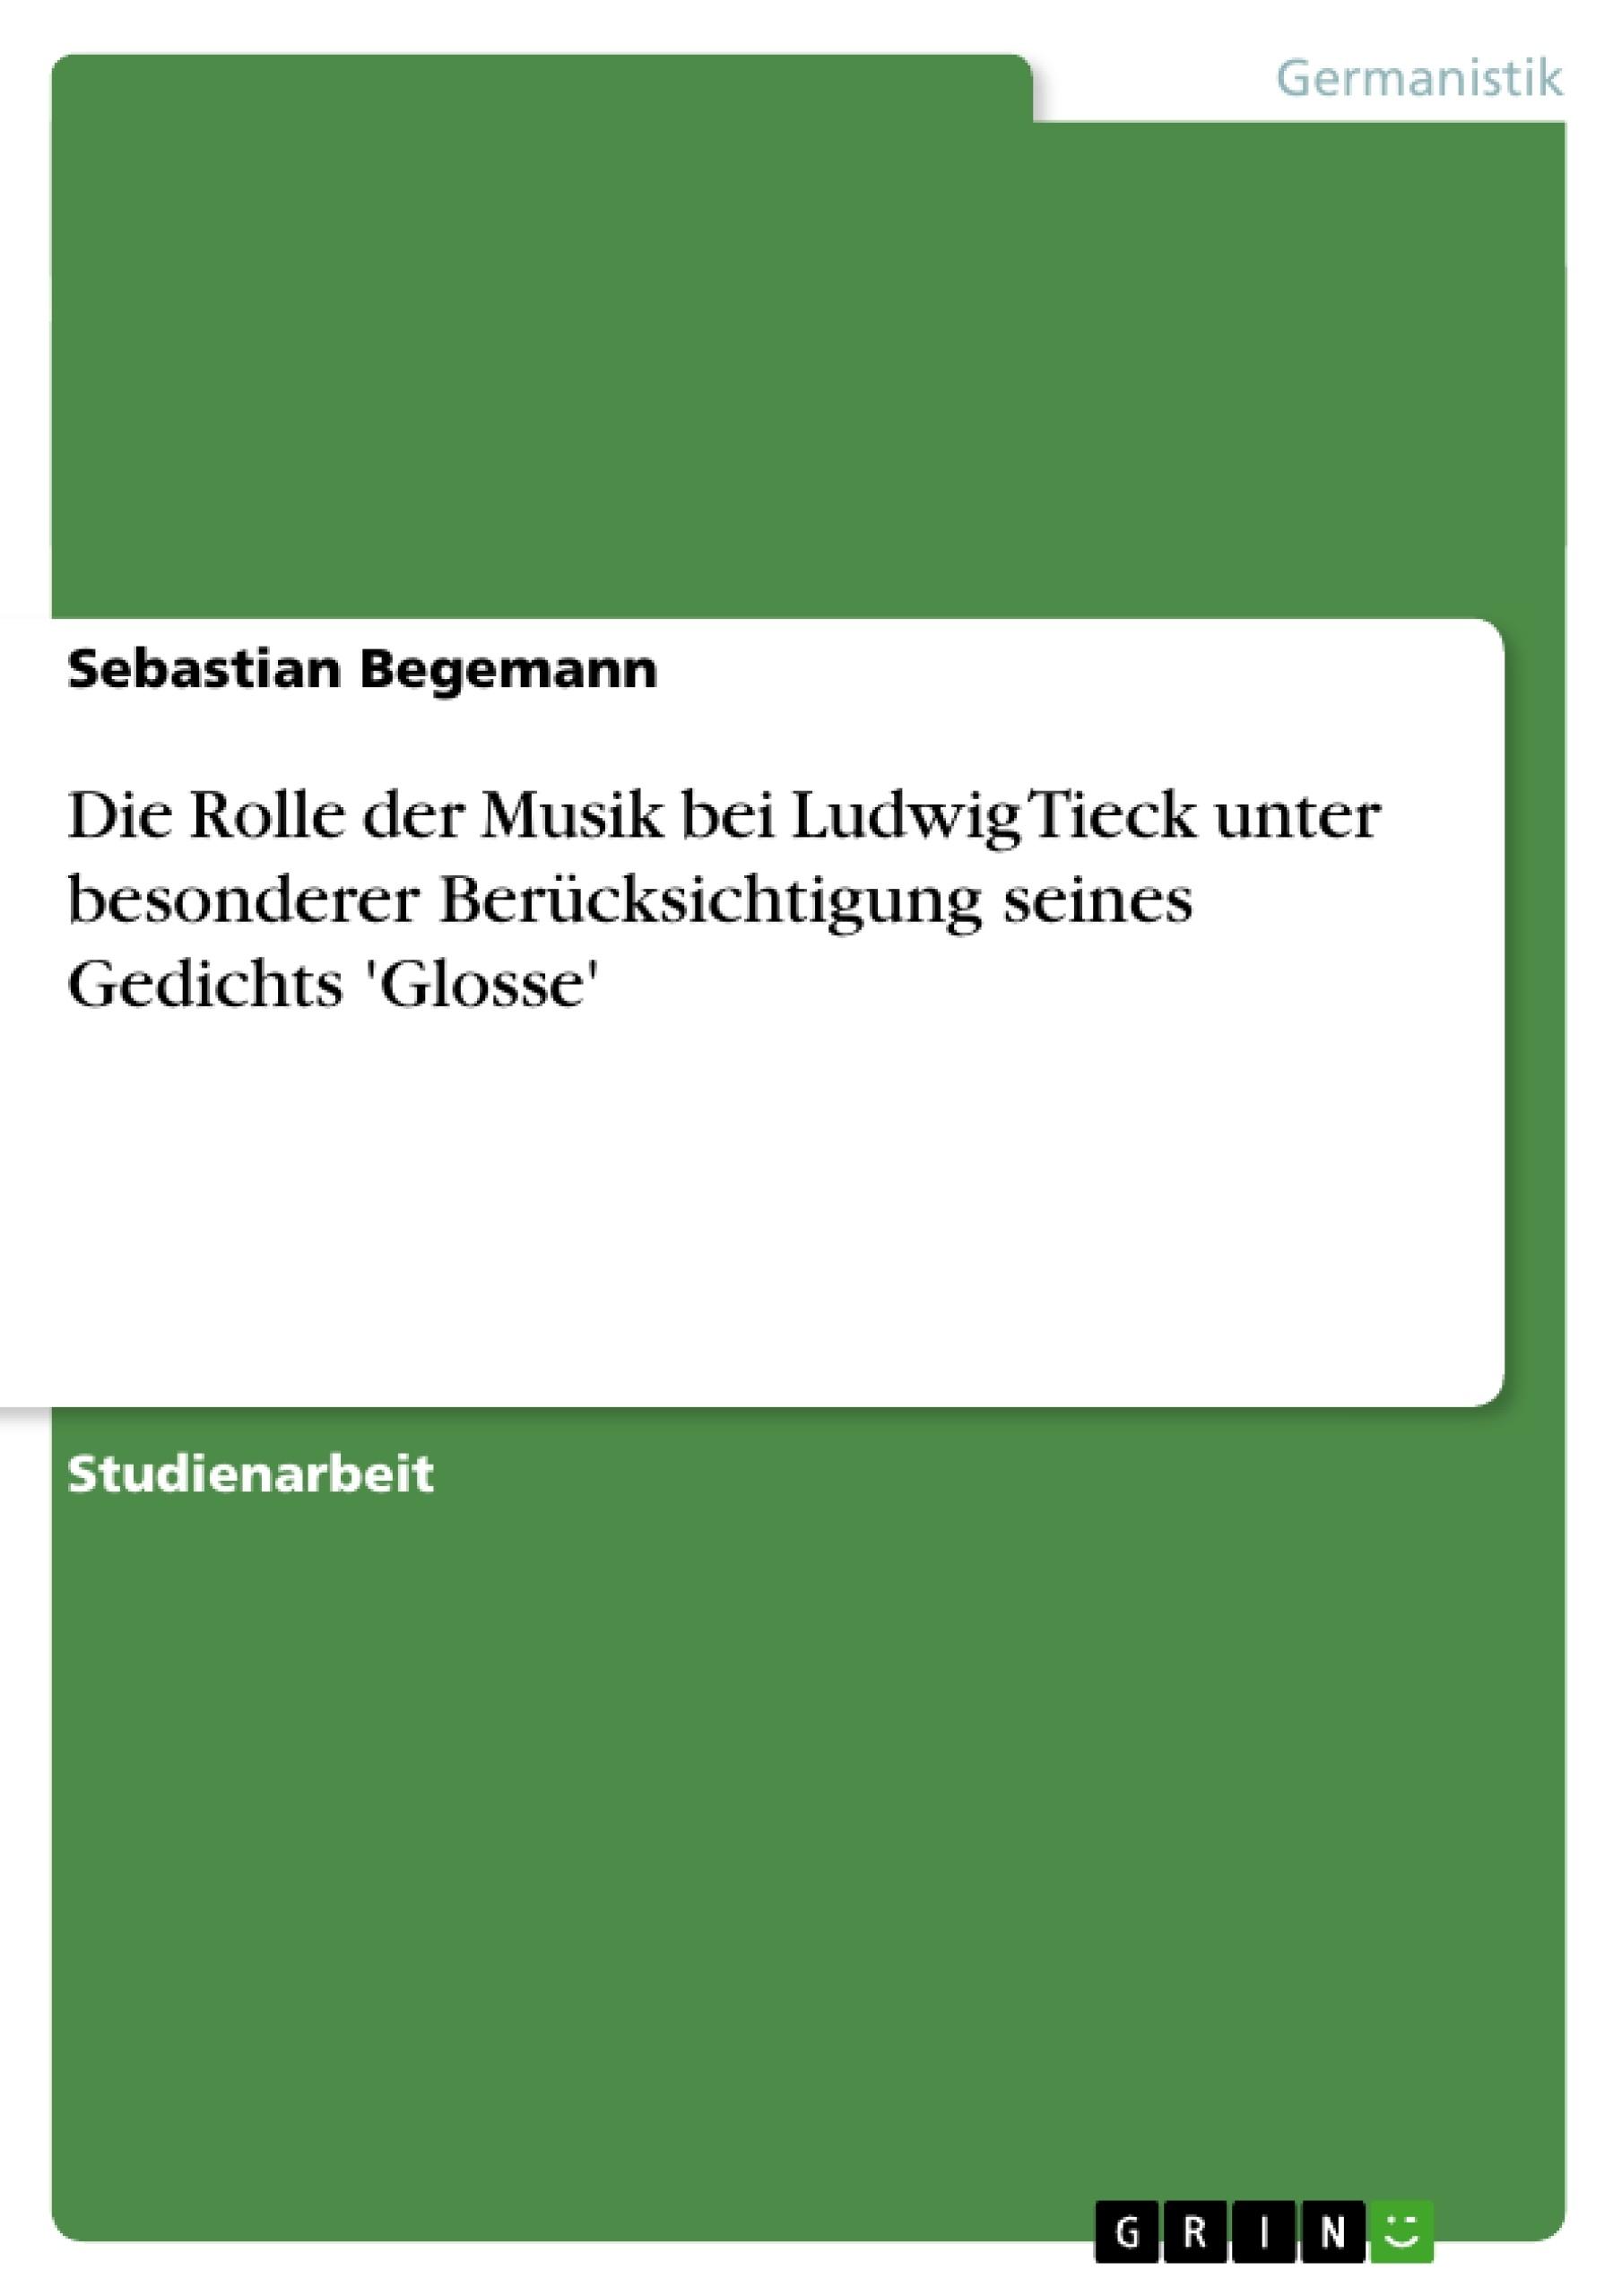 Titel: Die Rolle der Musik bei Ludwig Tieck unter besonderer Berücksichtigung seines Gedichts 'Glosse'